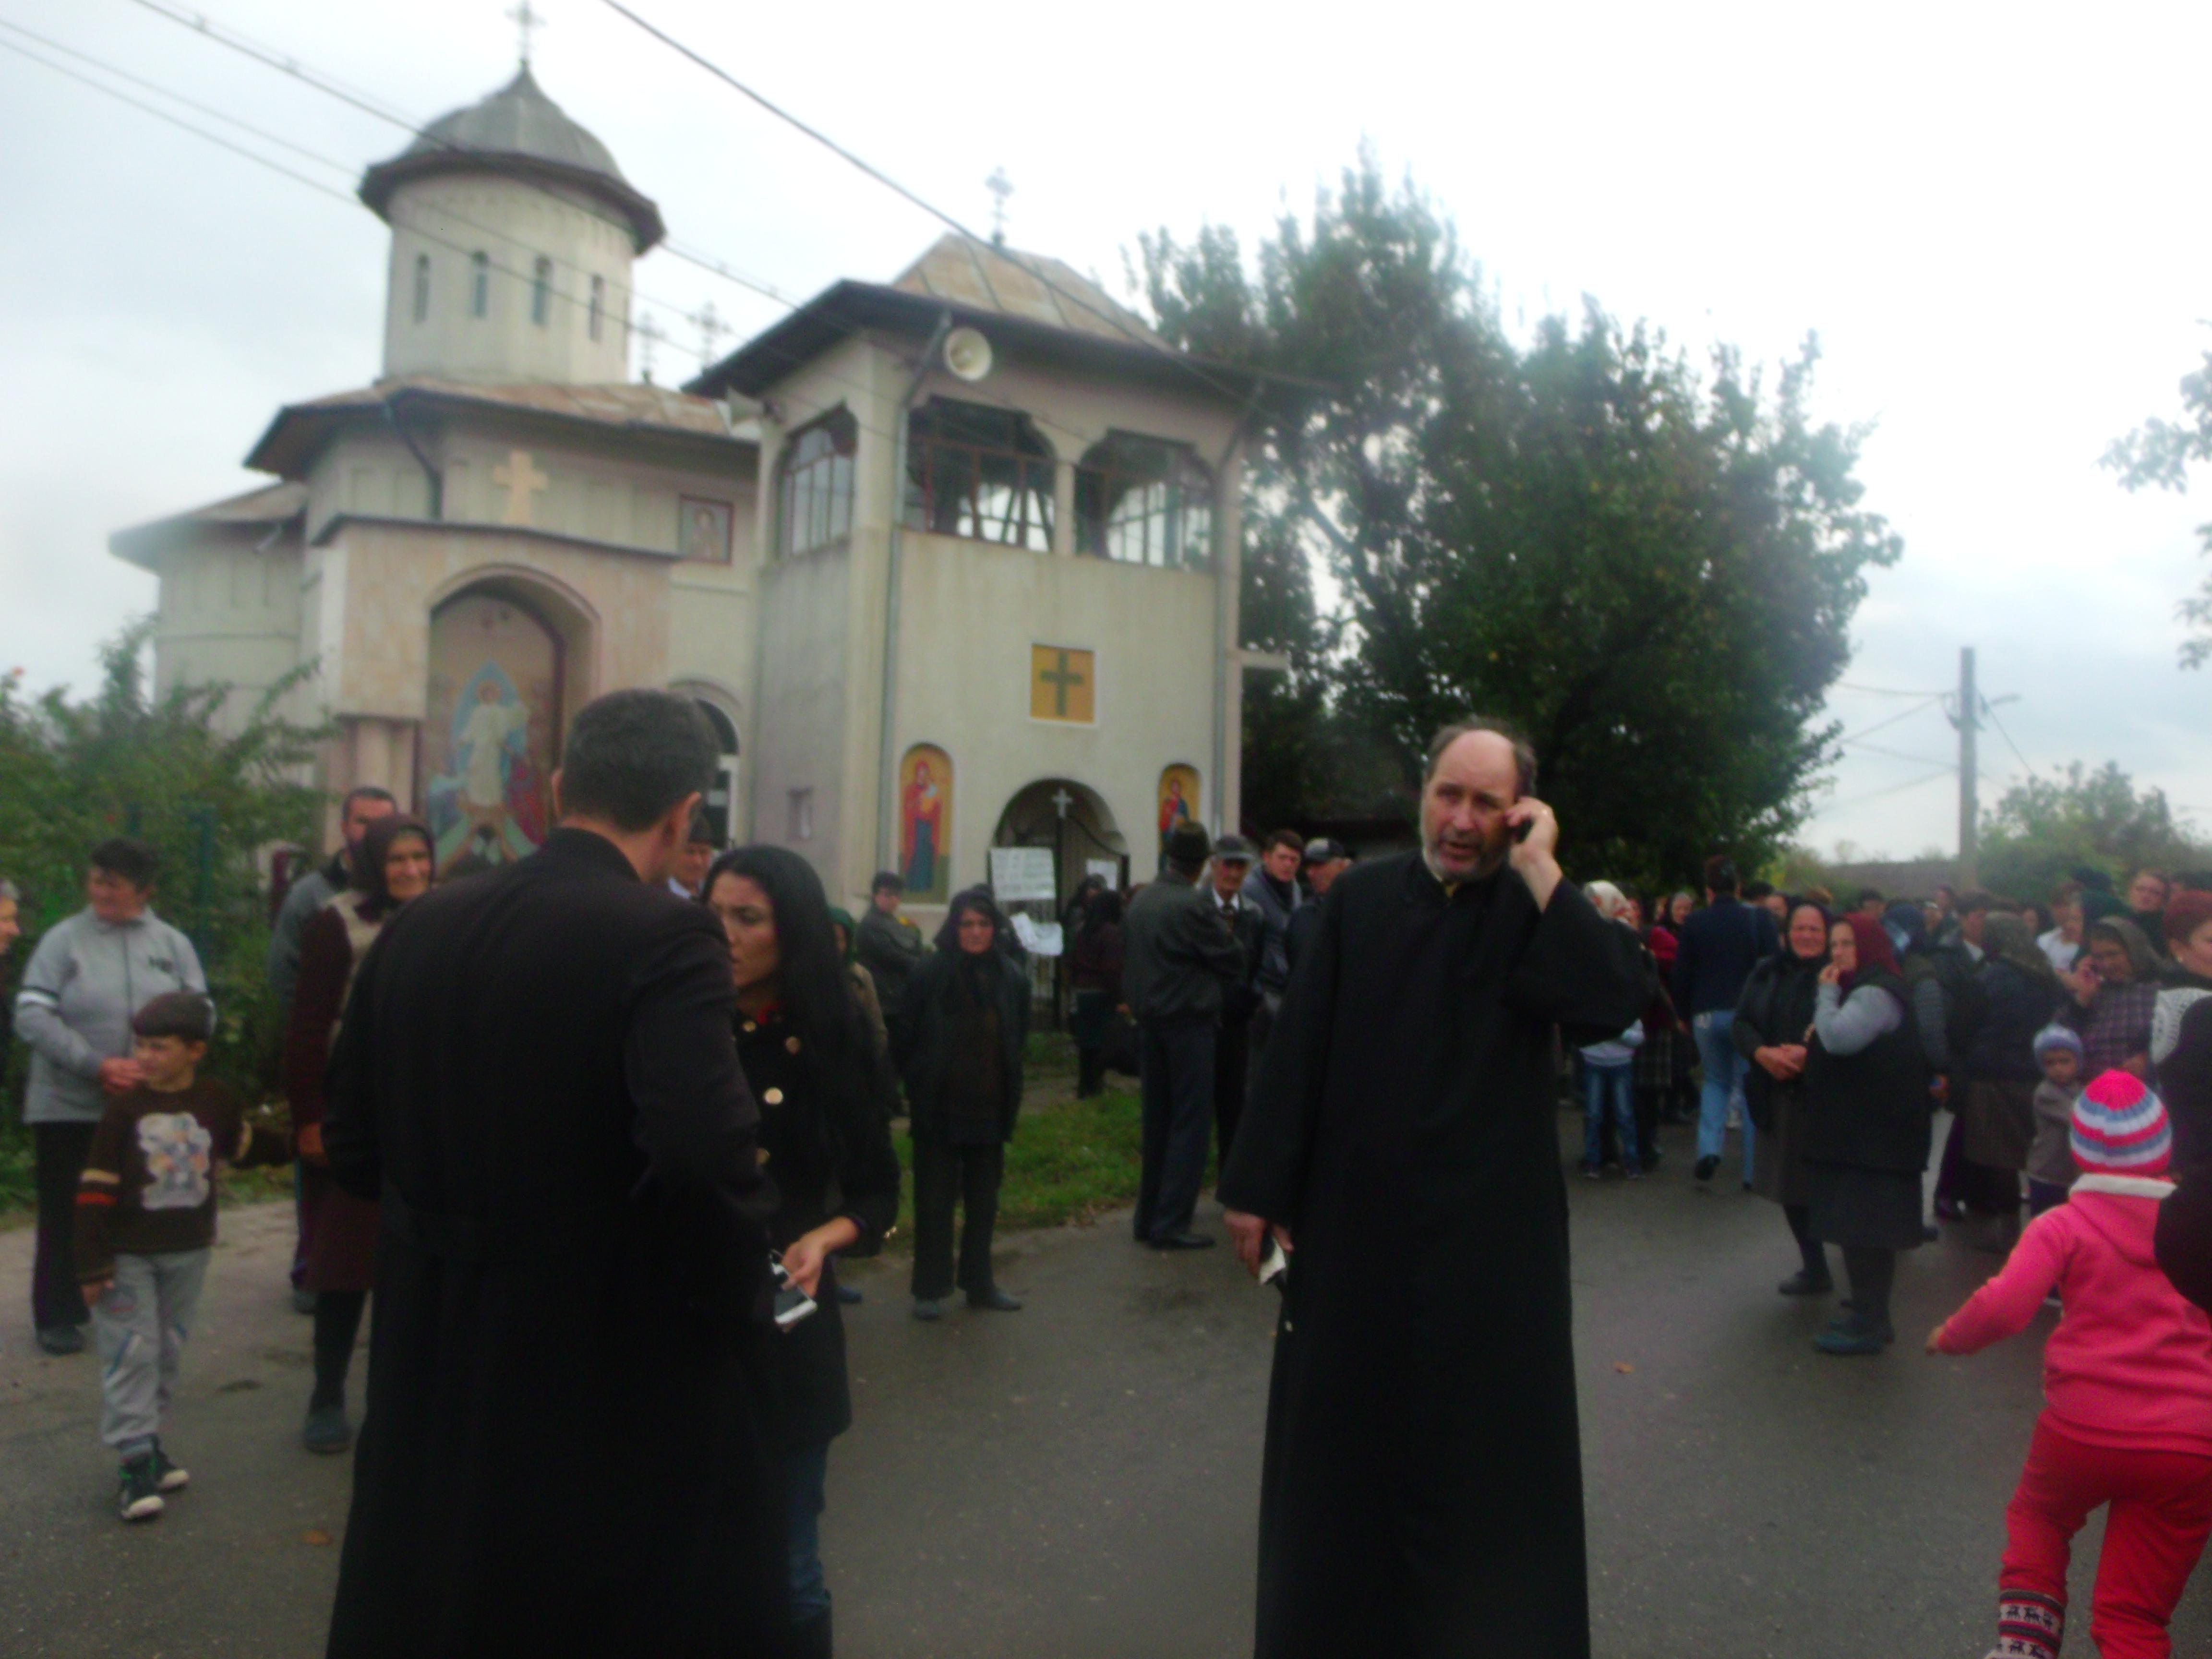 Scandal la Căscioarele: Preotul din sat este prigonit pentru că strânge prea puțini bani de la enoriași / Video